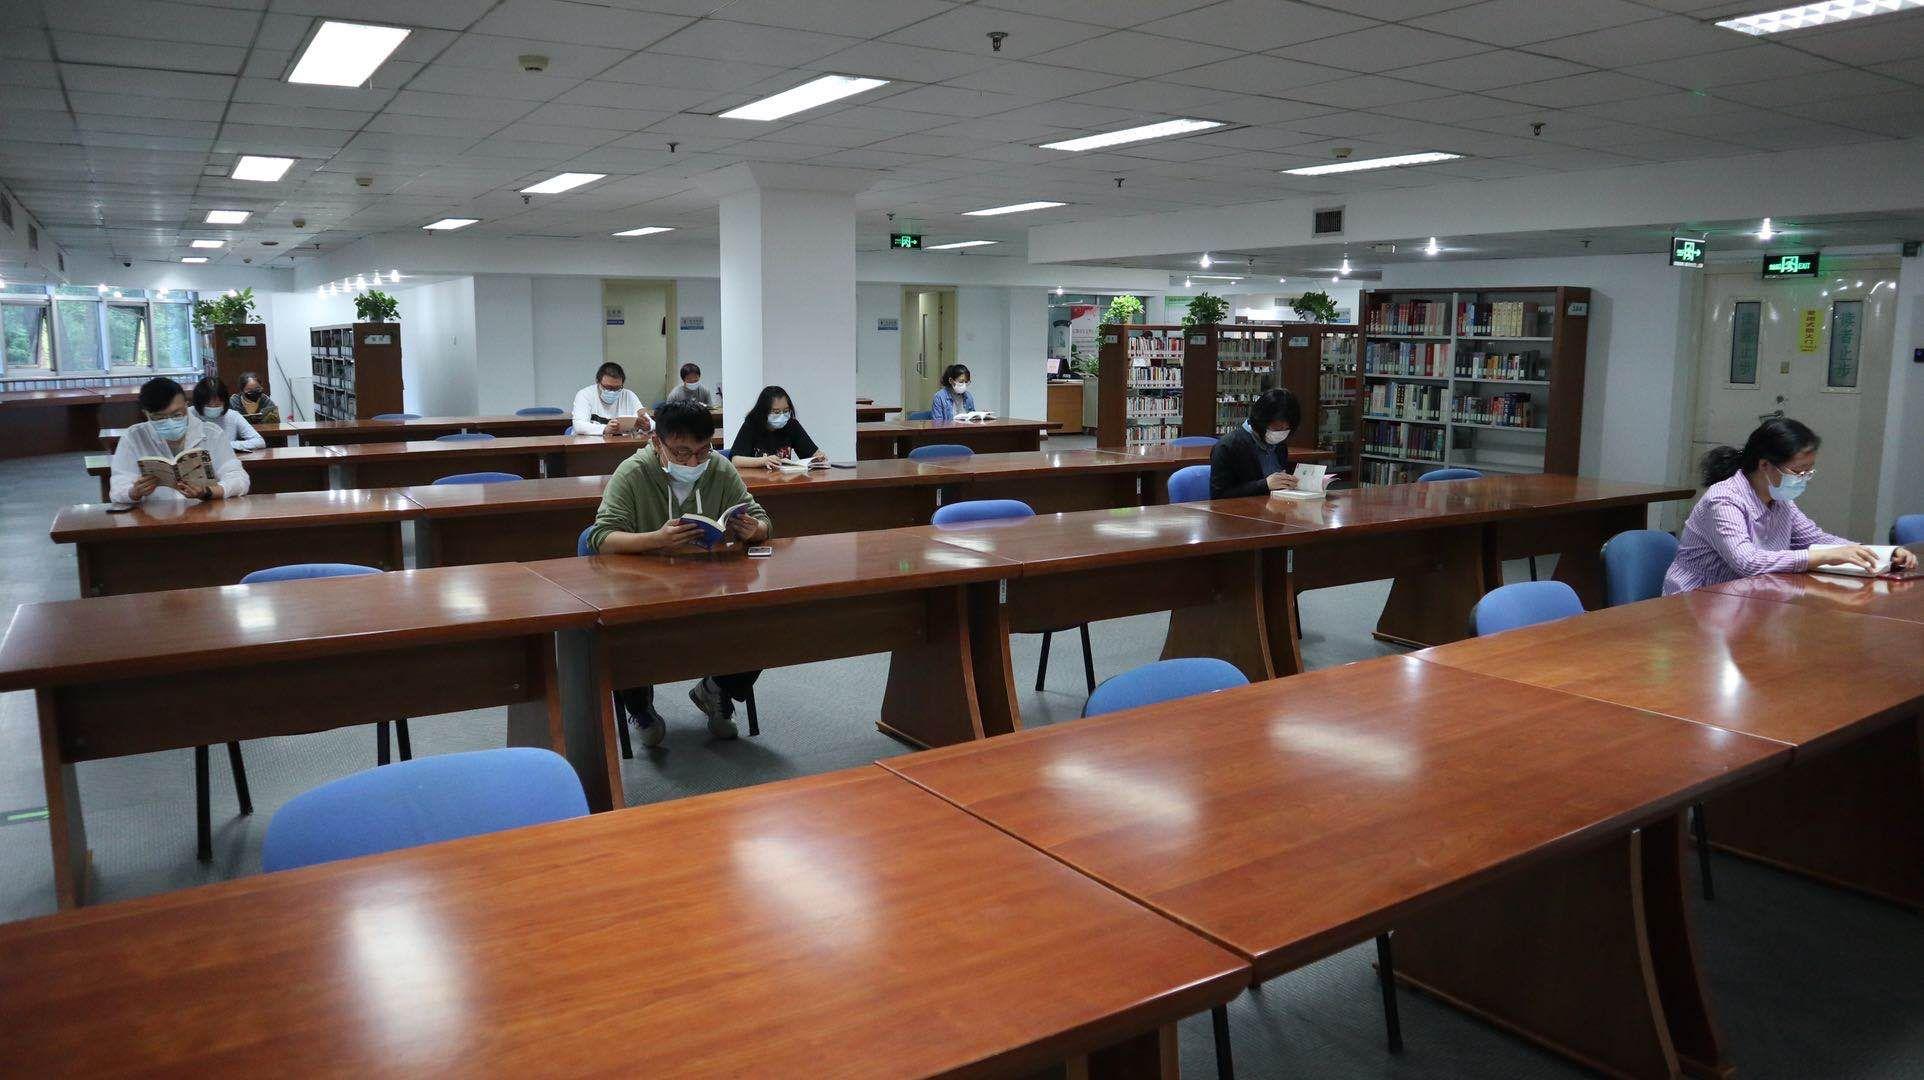 「摩鑫」西城区图书馆今日恢摩鑫复开放图片